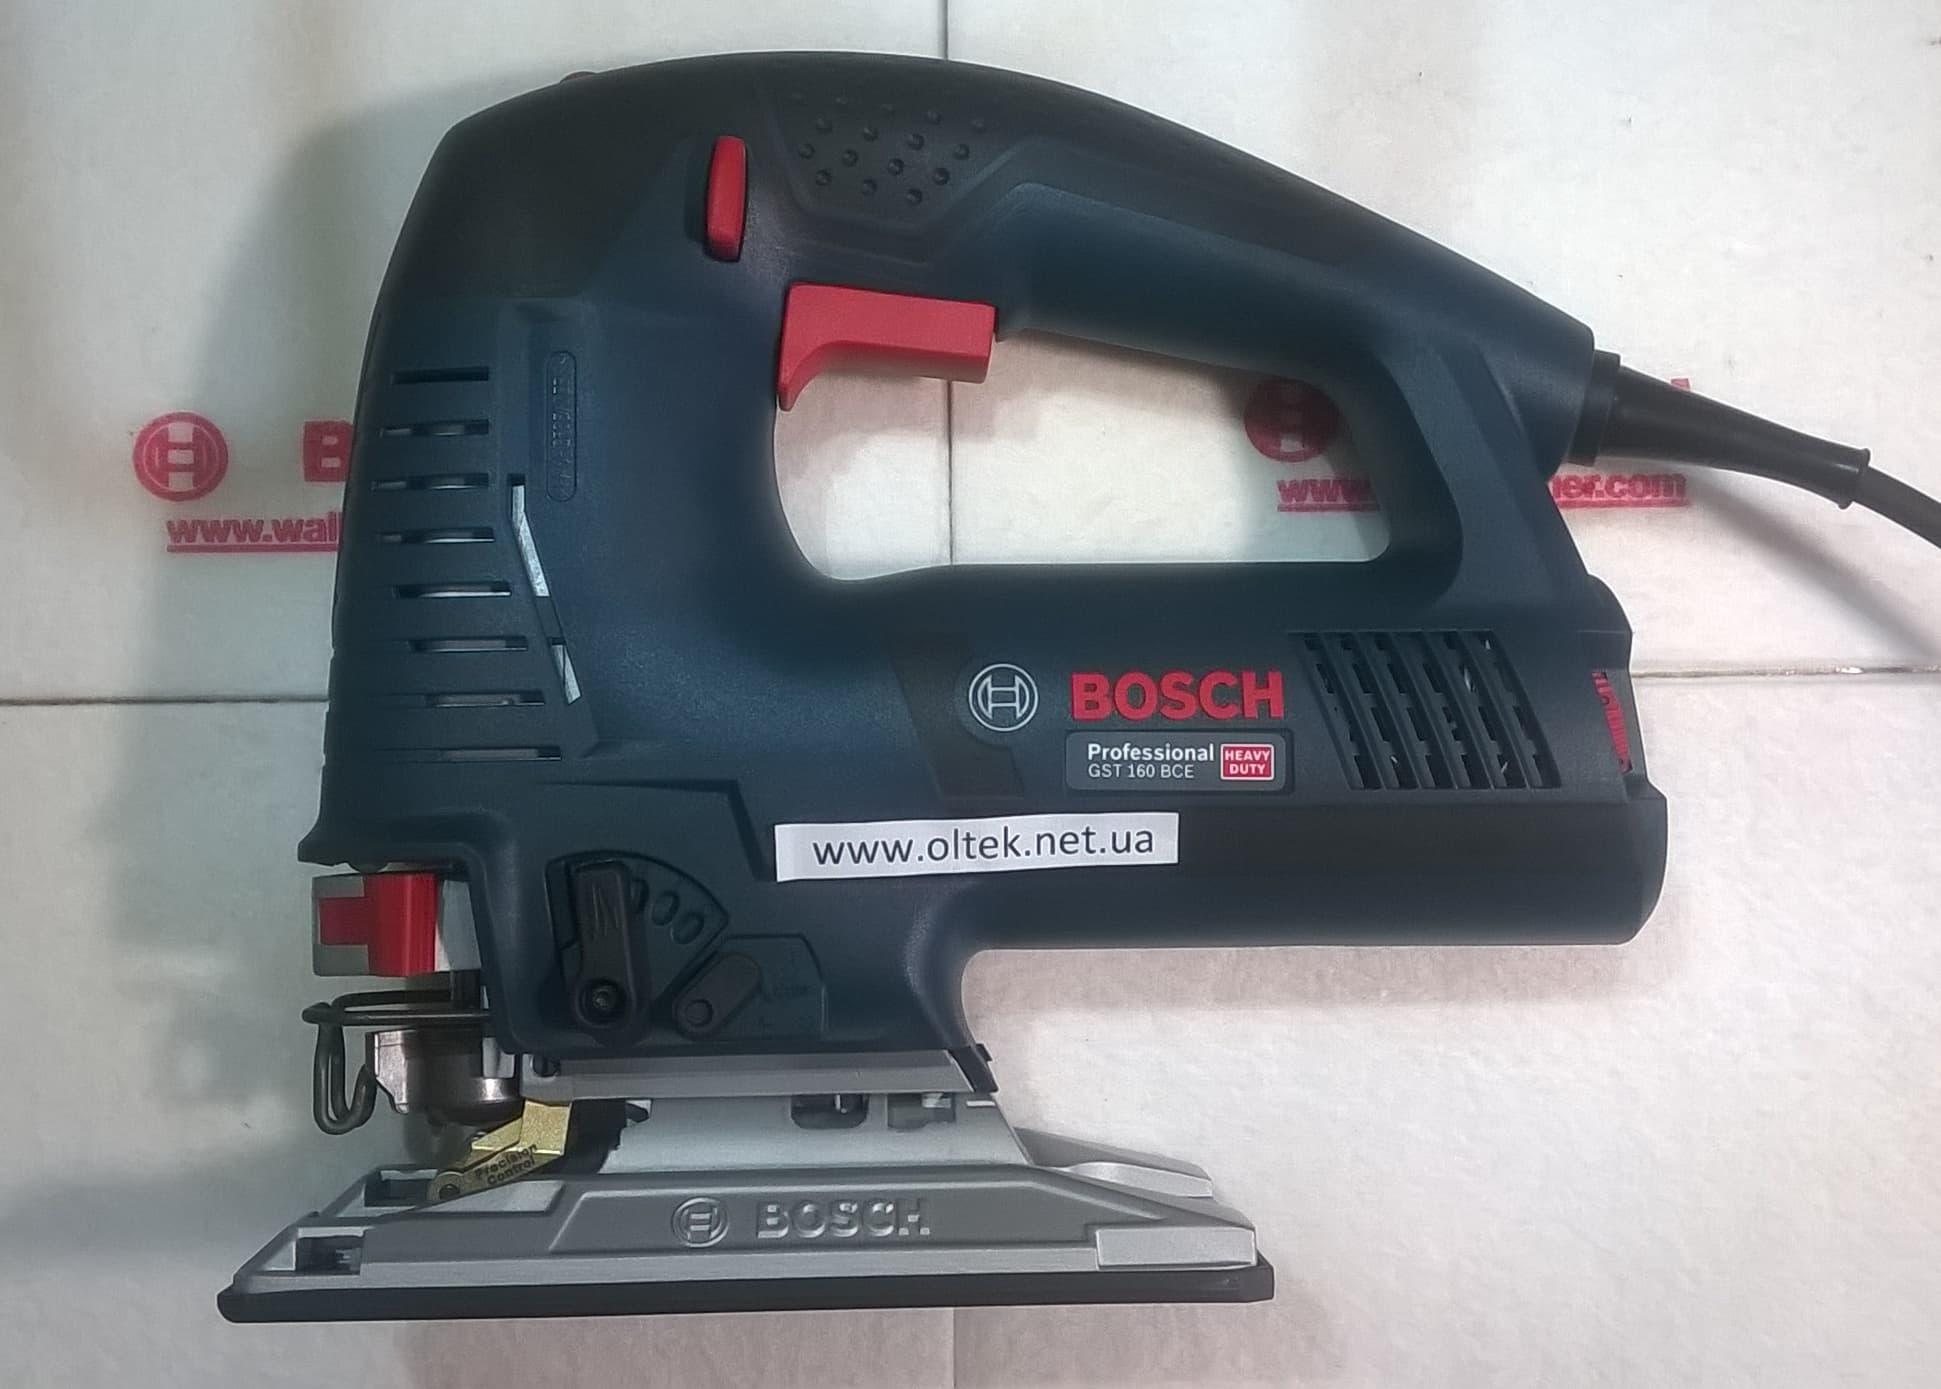 Bosch-gst-160-bce